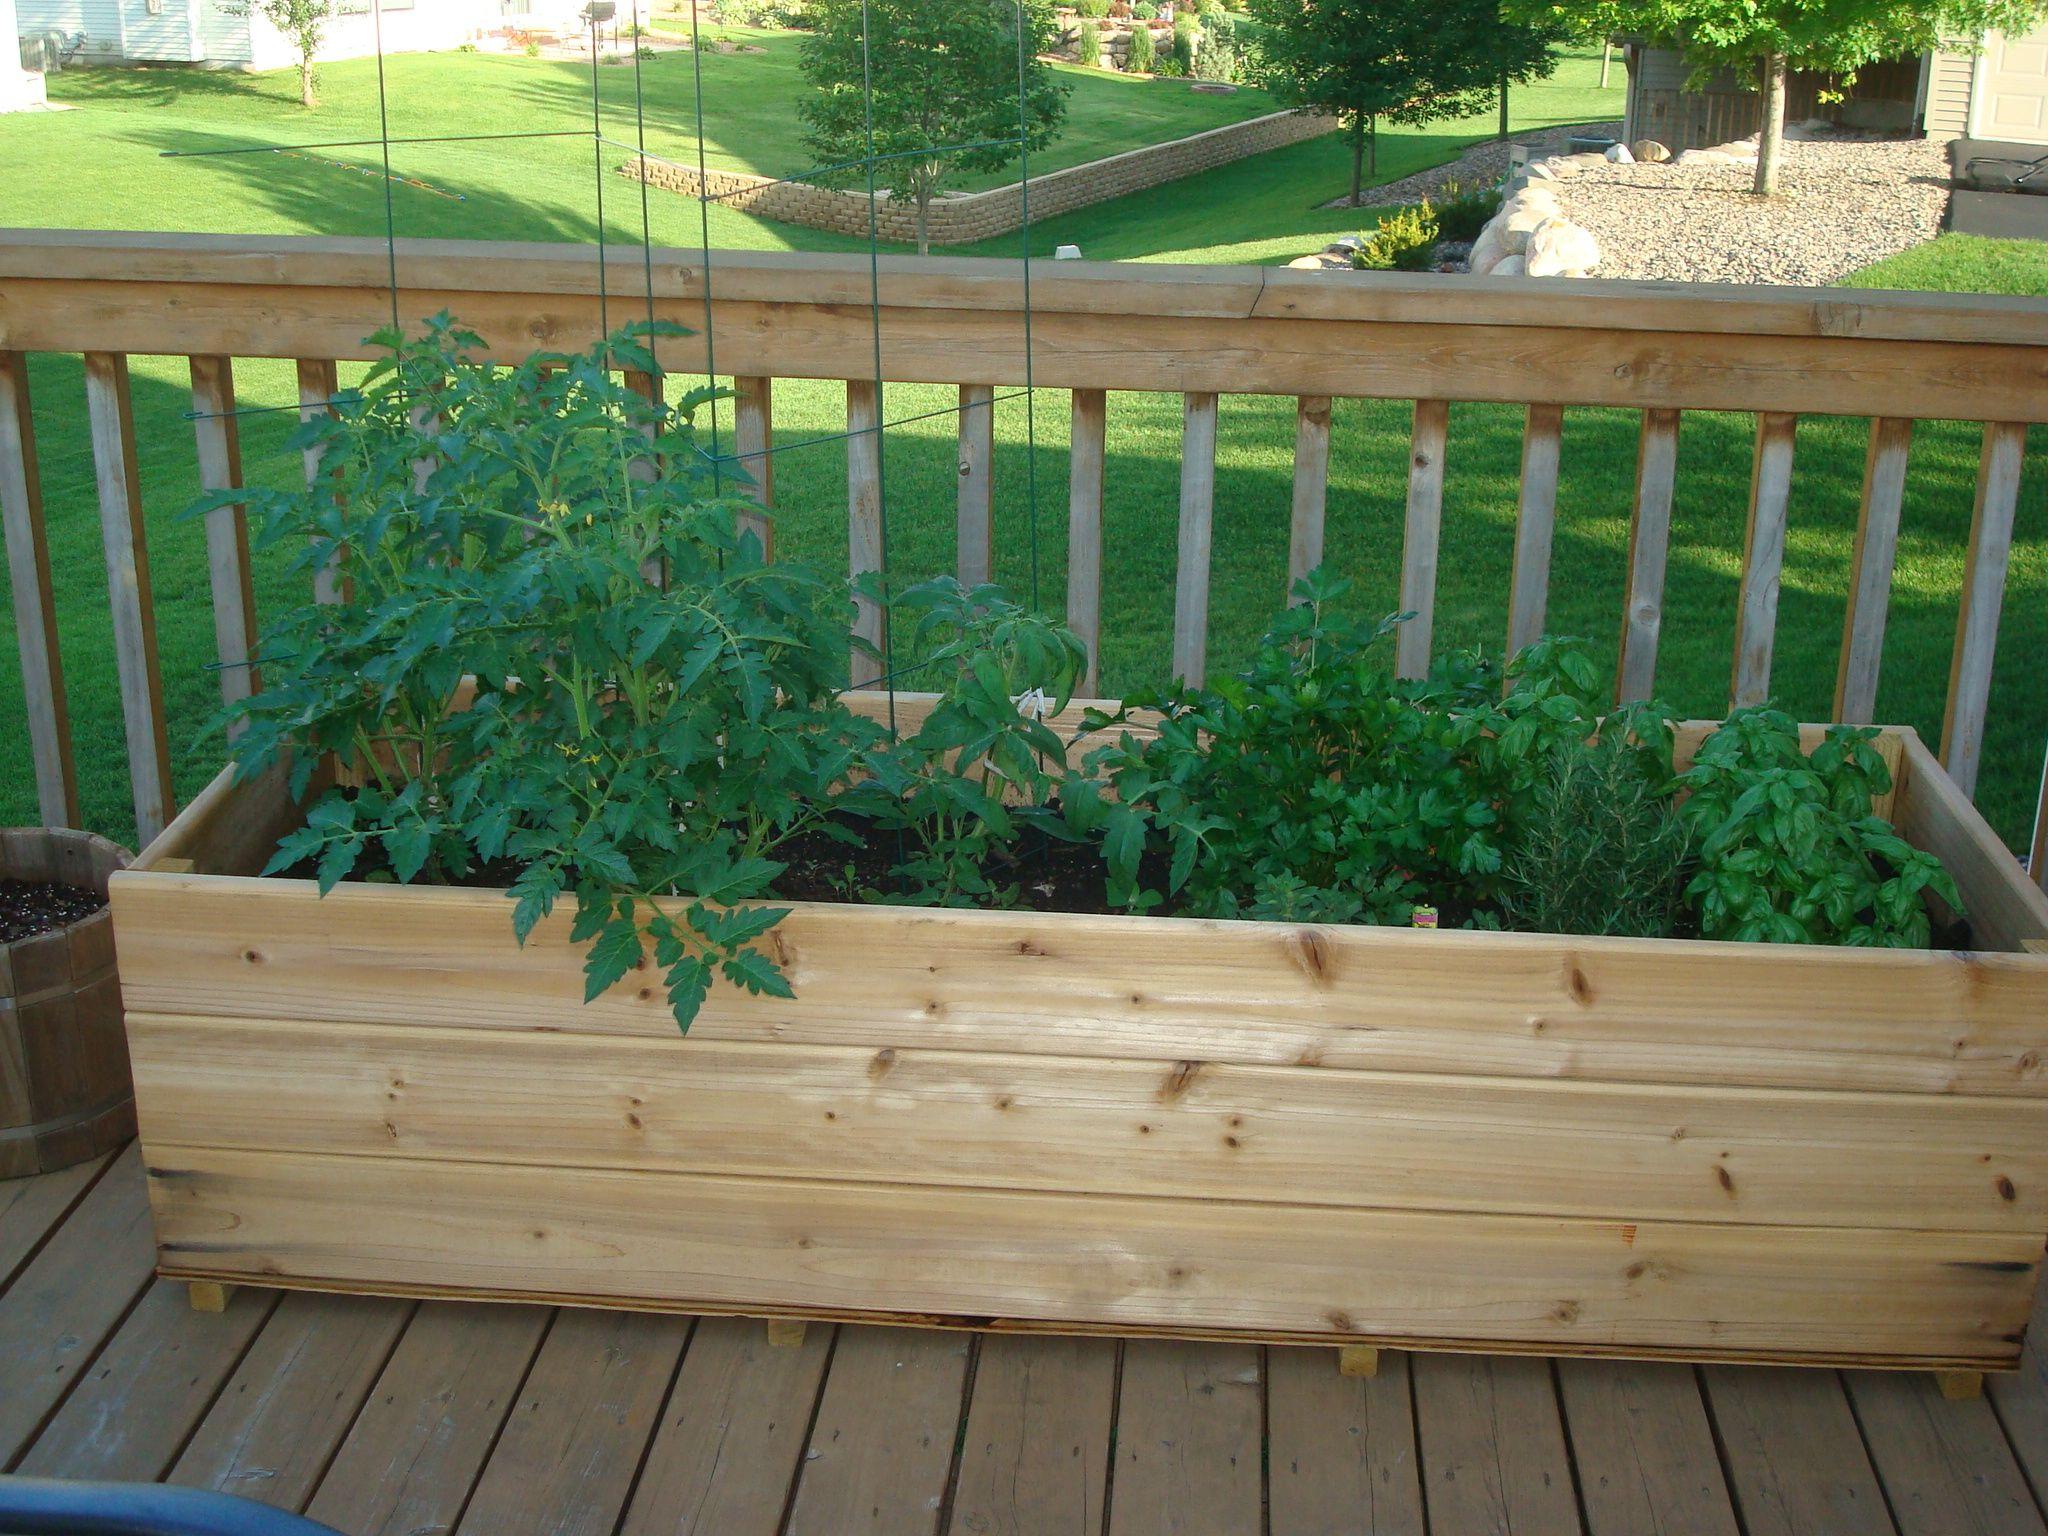 Container Garden Ideas On Deck